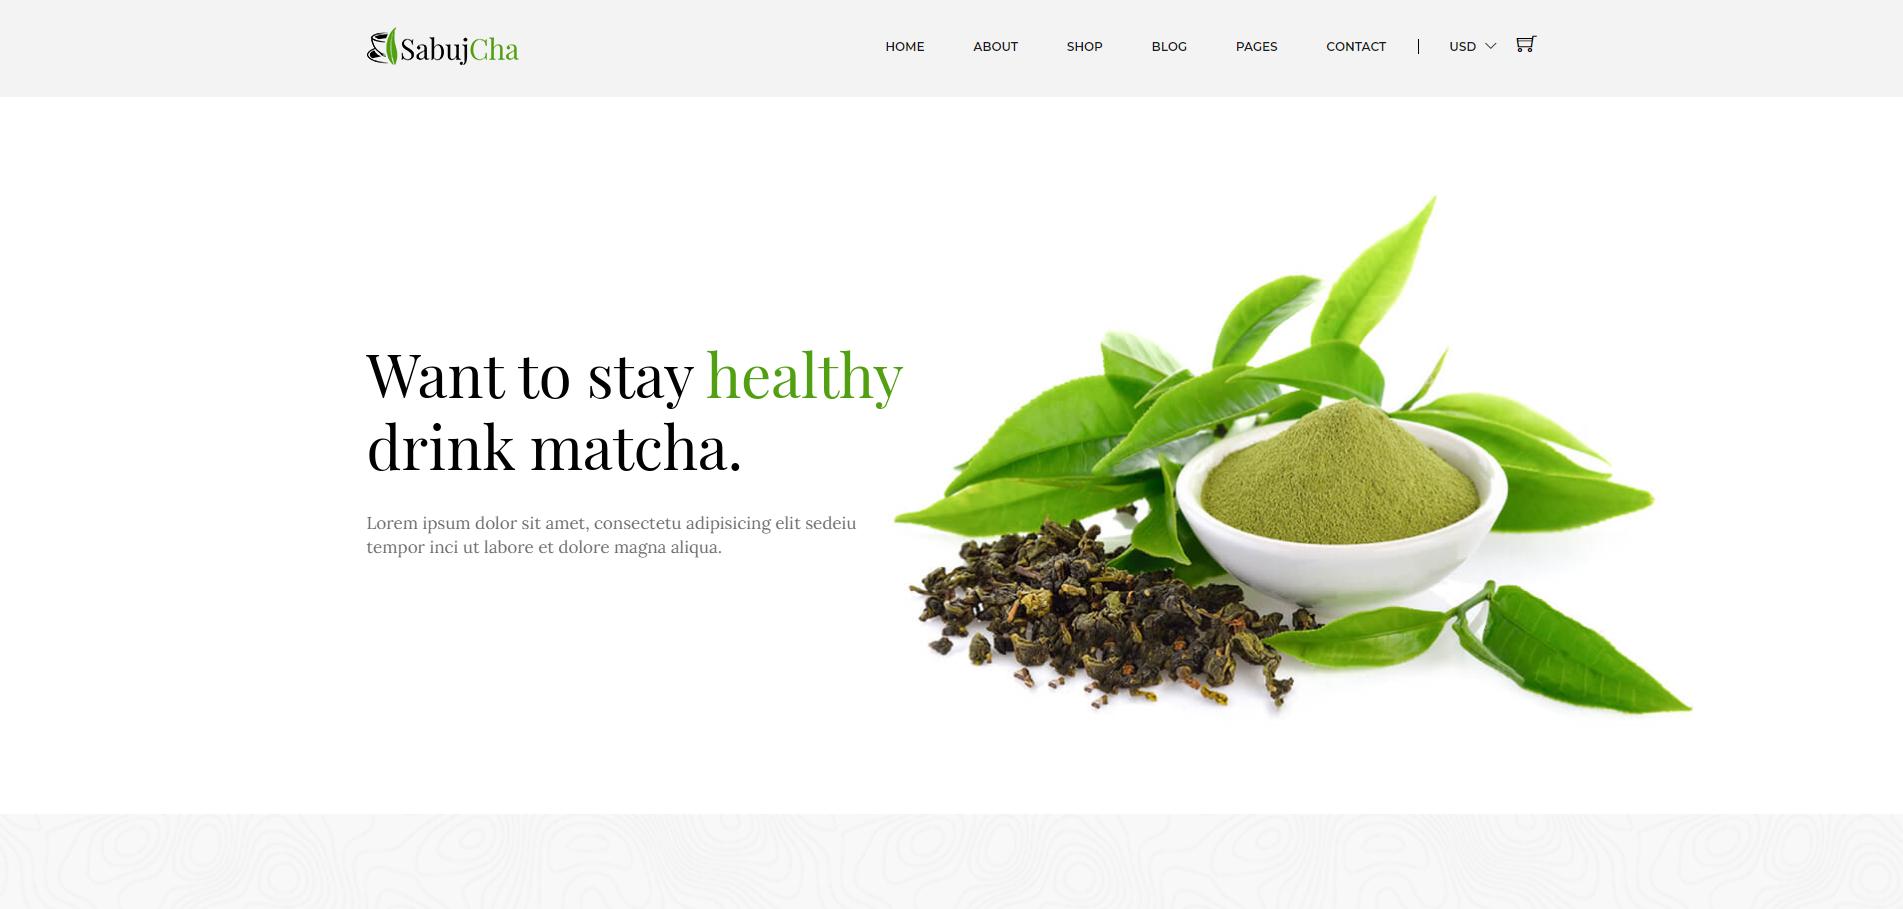 绿色的抹茶在线电子商城bootstrap模板